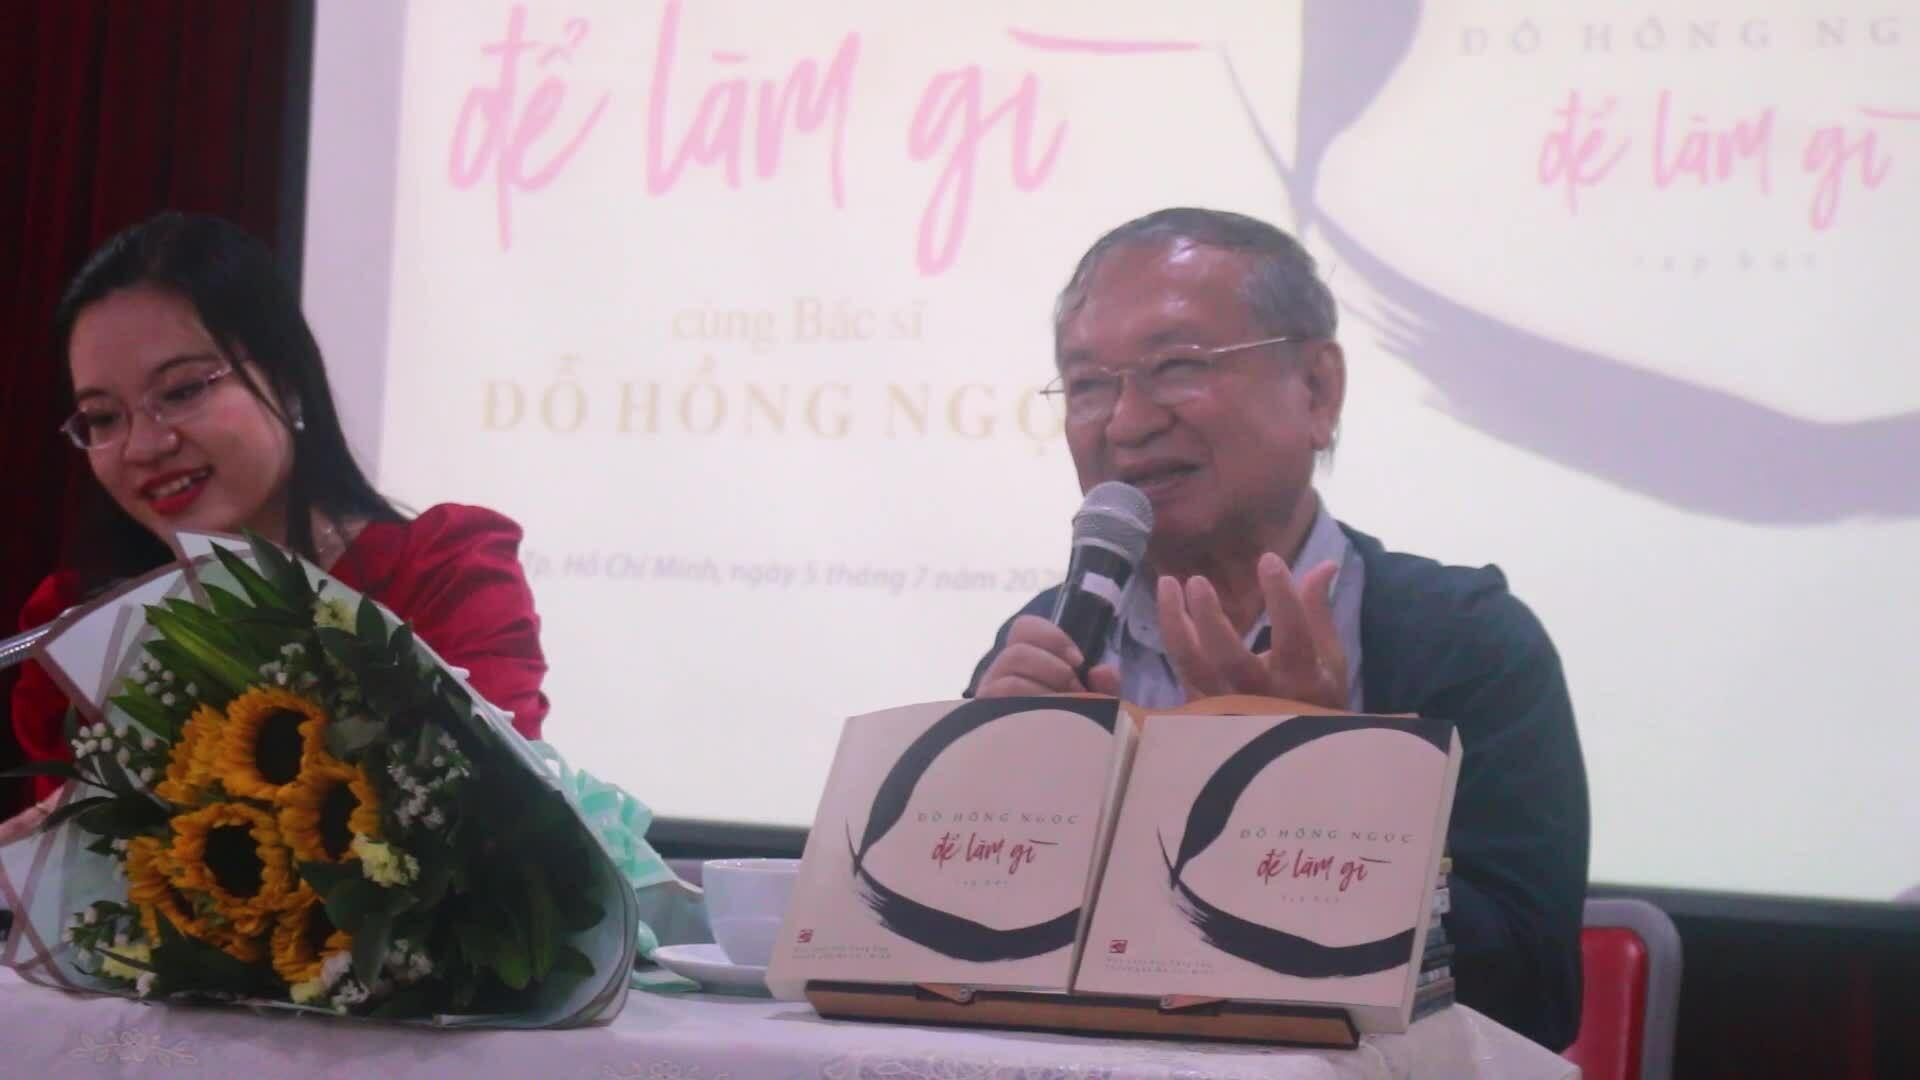 Bác sĩ Đỗ Hồng Ngọc ra mắt sách 'Để làm gì'